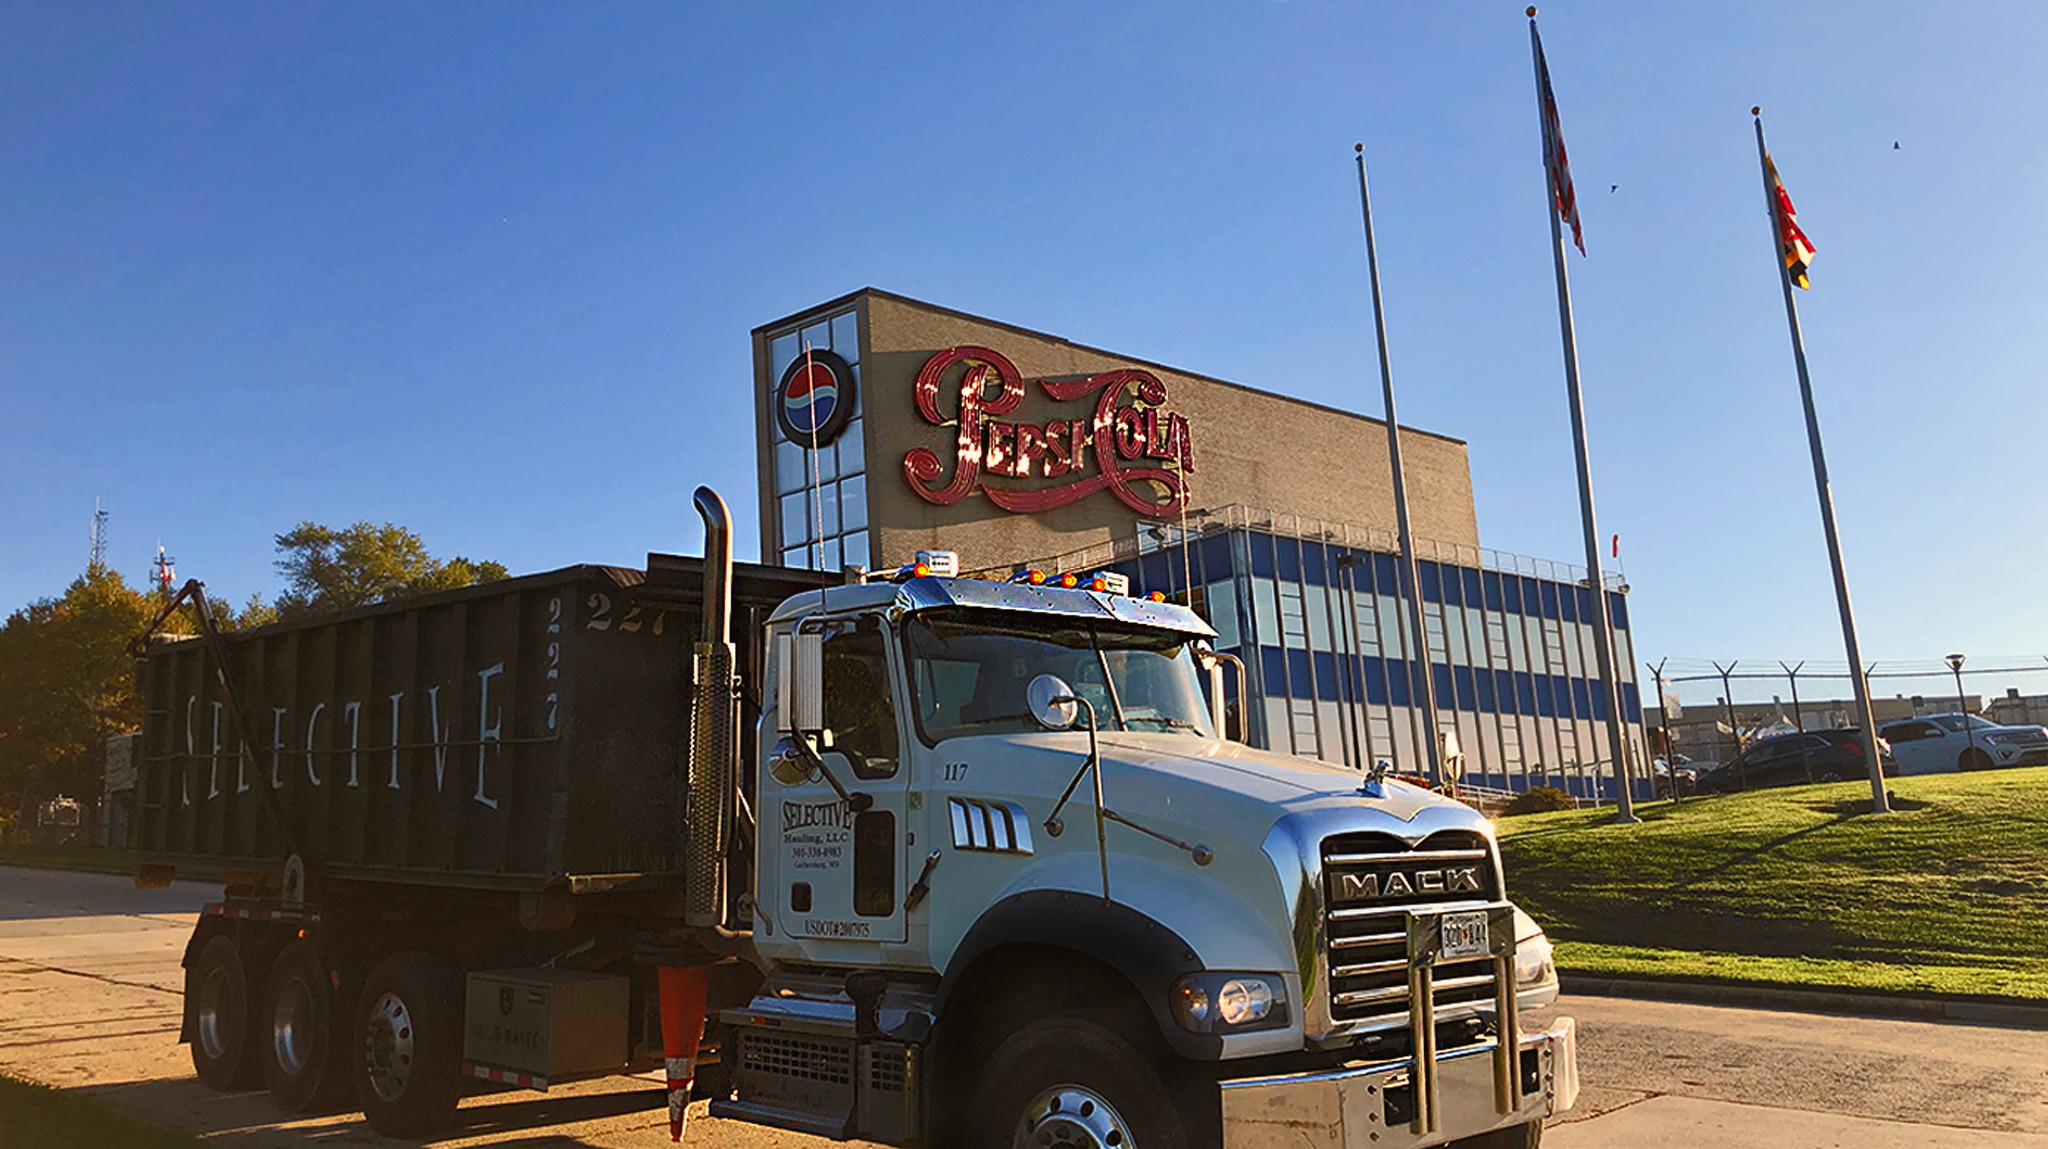 Roll off dumpster rental Maryland - Dumpster Rental Maryland